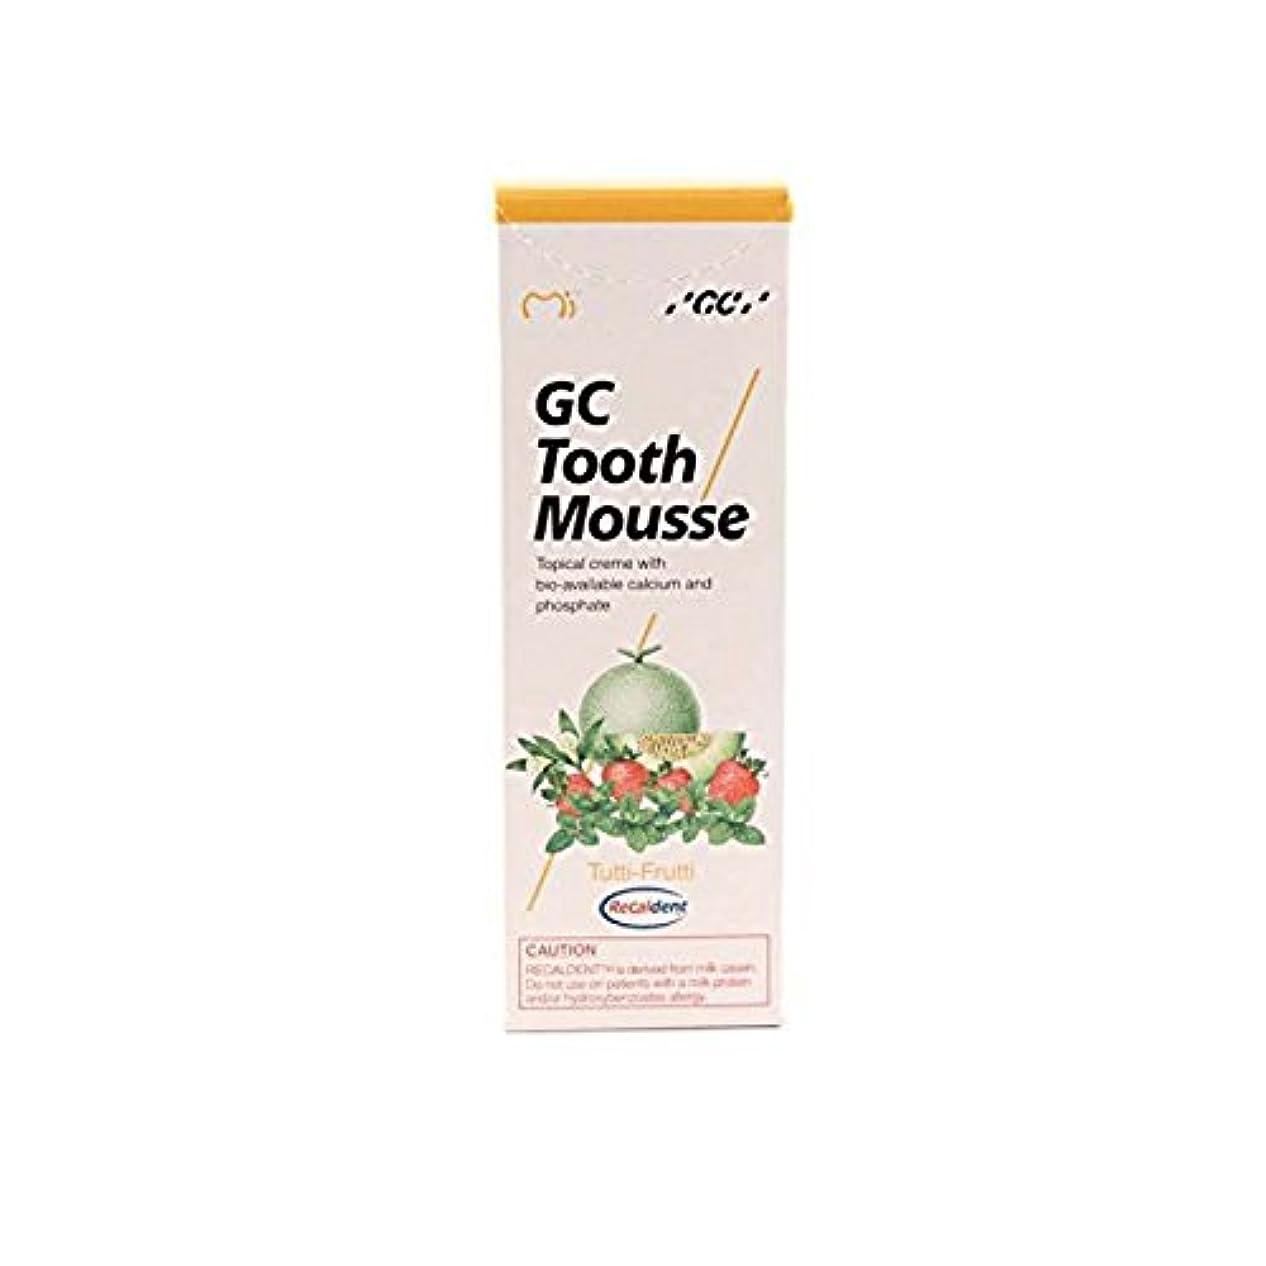 超えて露出度の高い市の中心部Gc の歯のムース練り歯磨き粉の盛り合わせの味40g (タフティフルーティー (Tutty Frutty))